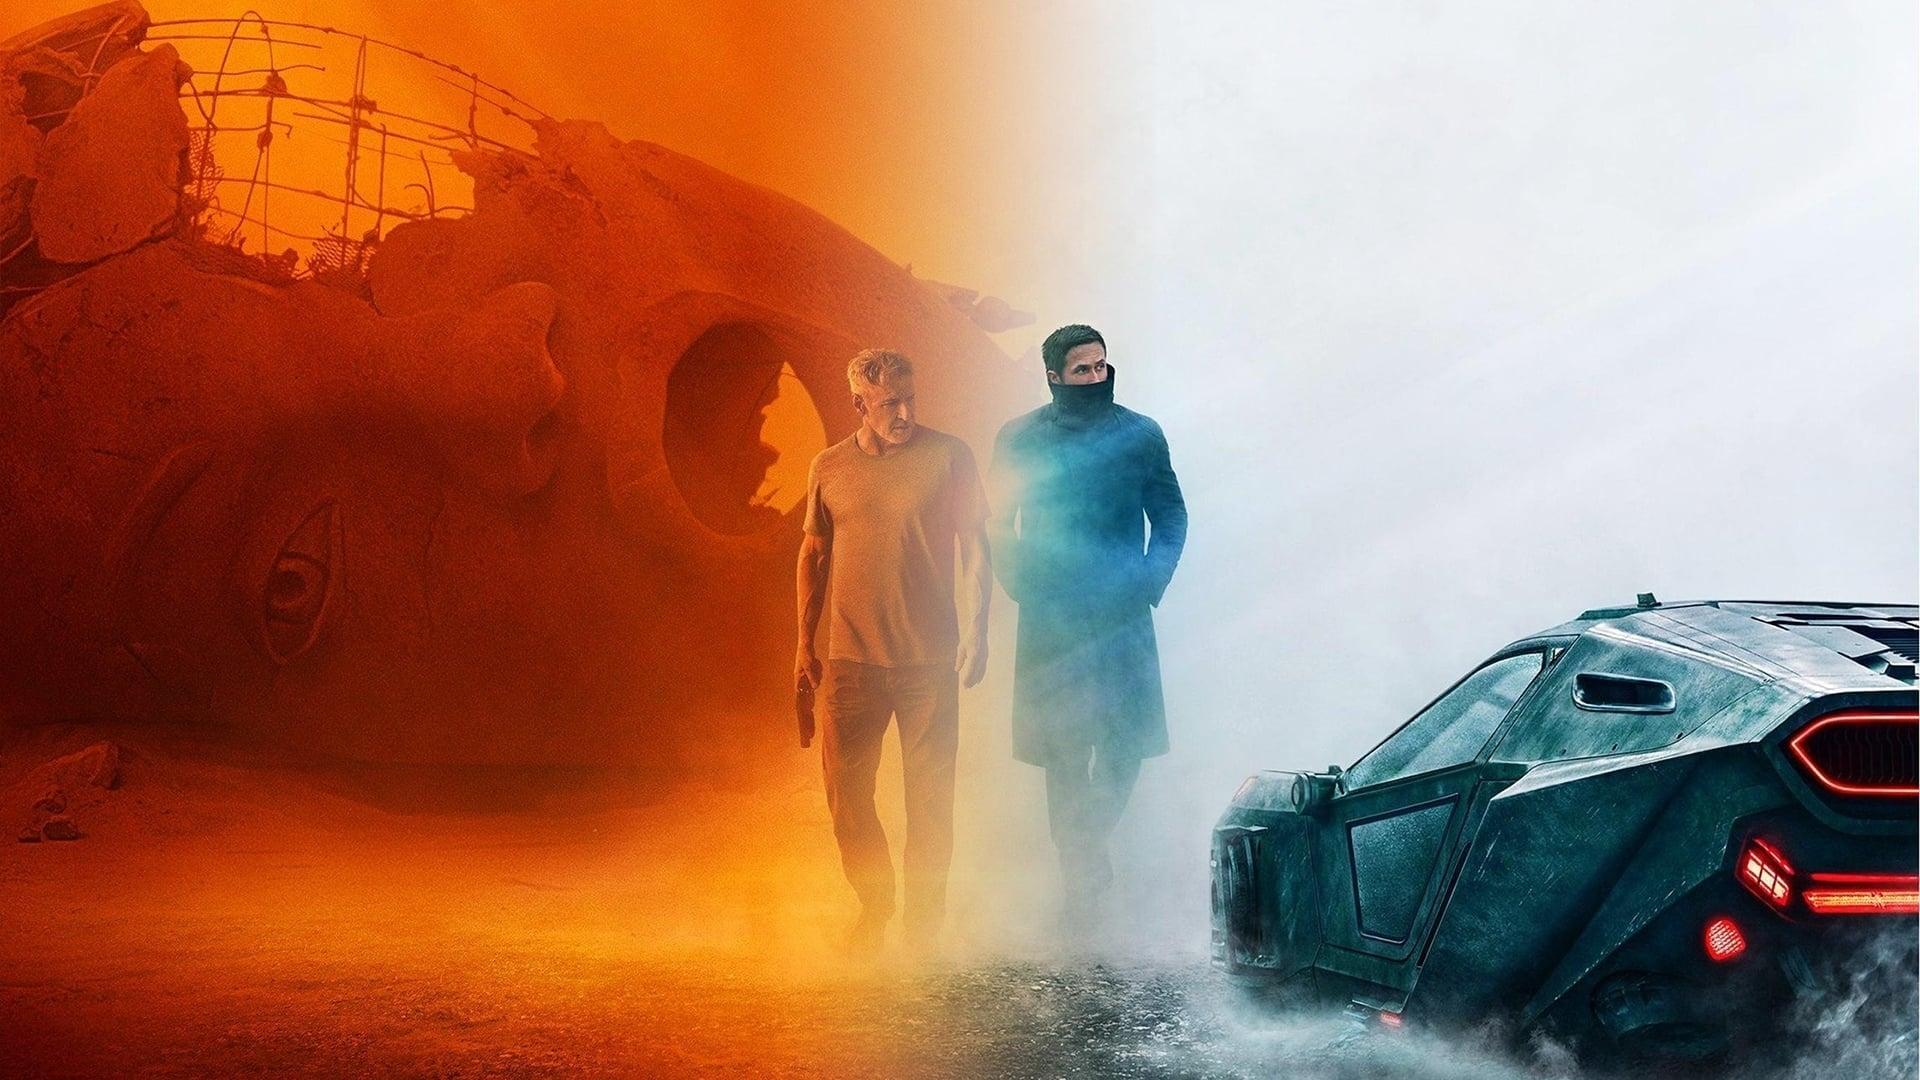 Contraportada Blade Runner 2049